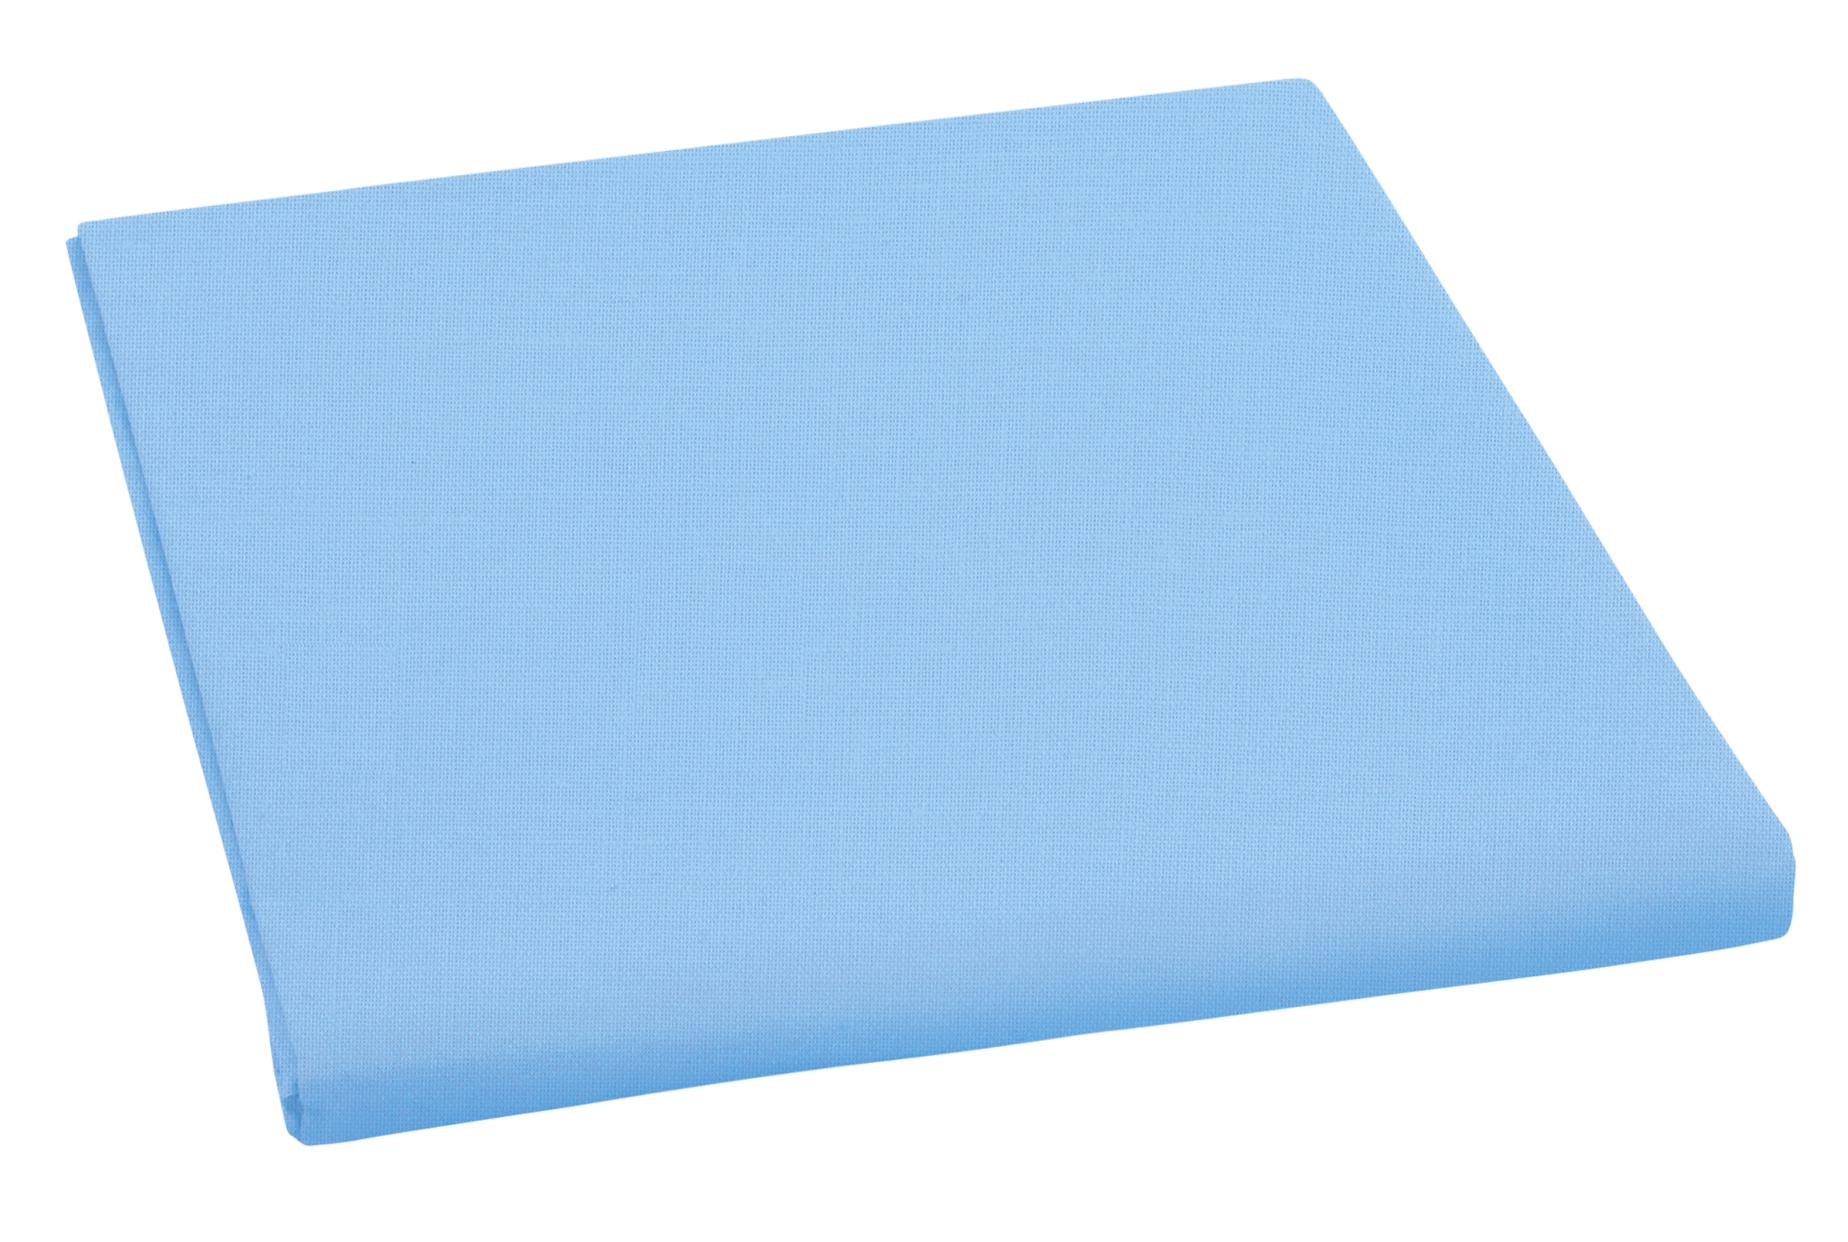 Prostěradlo bavlněné jednolůžkové 140x230cm modré II. jakost